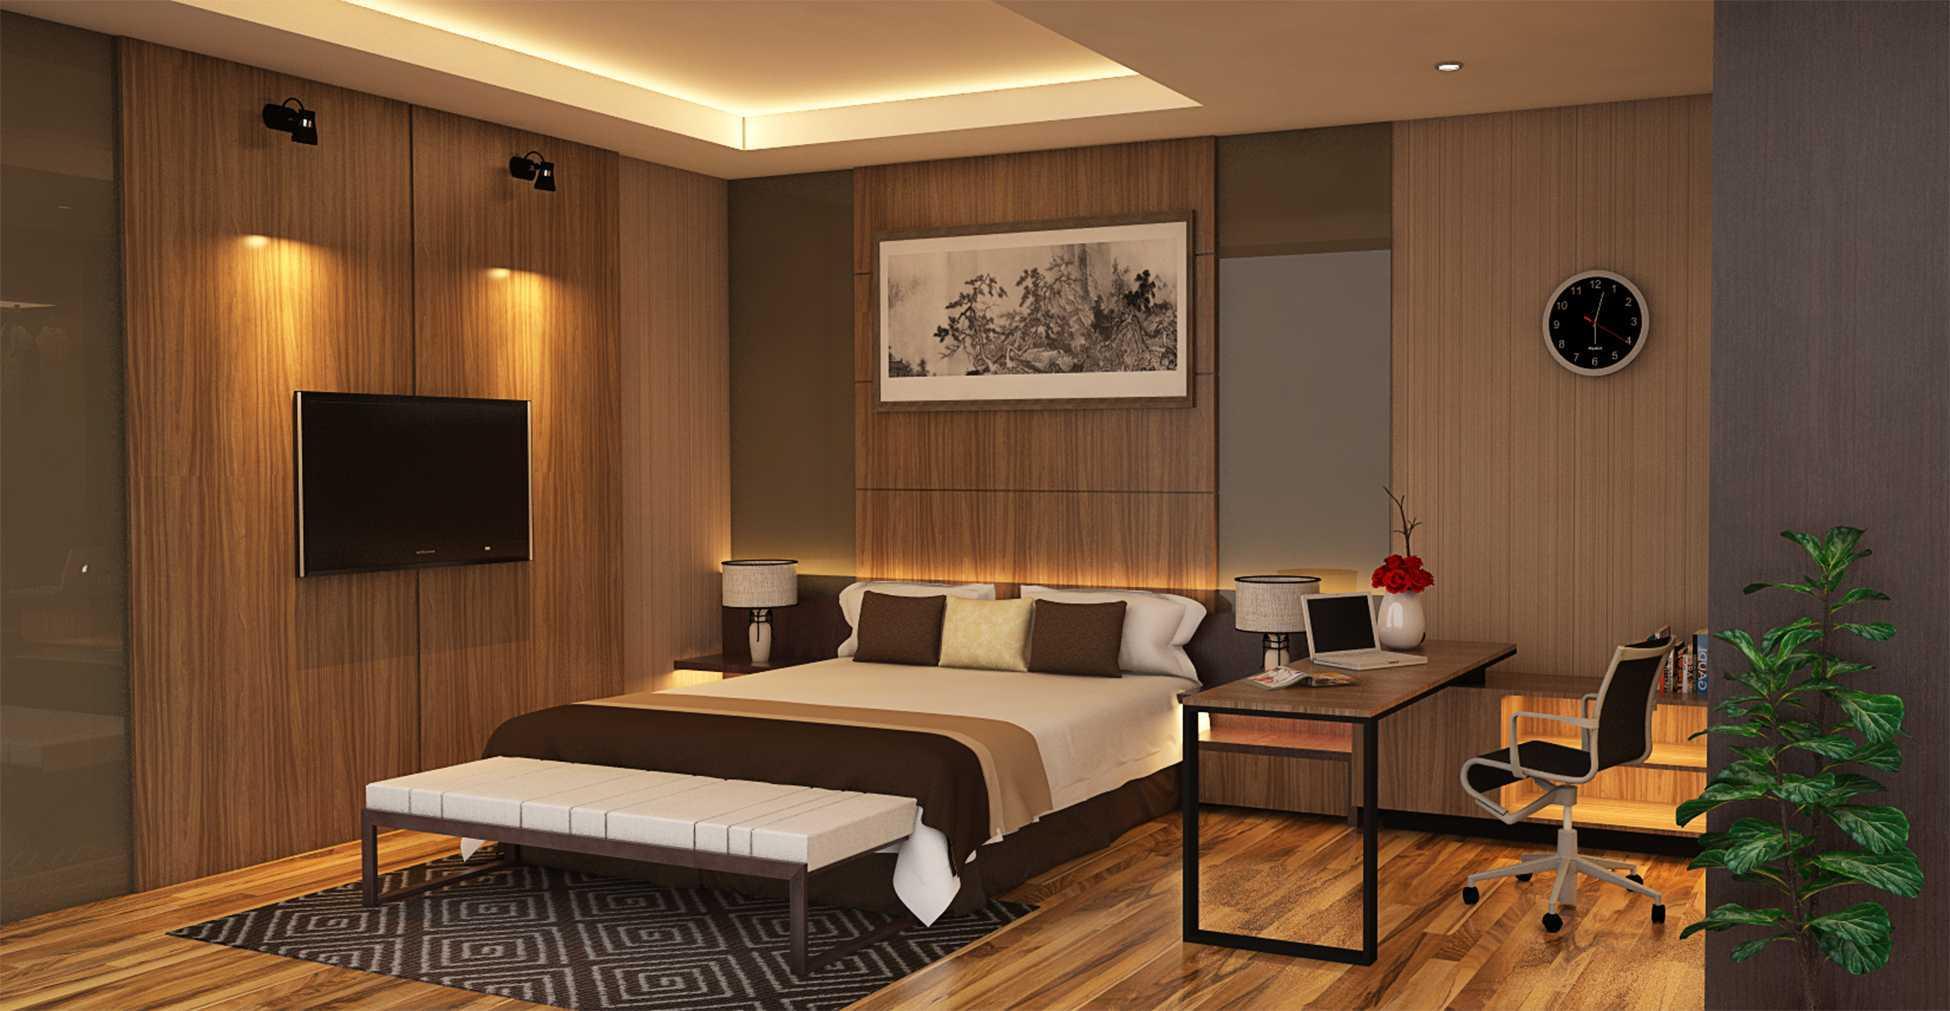 Sabio Design Master Bedroom - Bogor Bogor, Jawa Barat, Indonesia Bogor, Jawa Barat, Indonesia Sabio-Design-Master-Bedroom-Bogor  127719